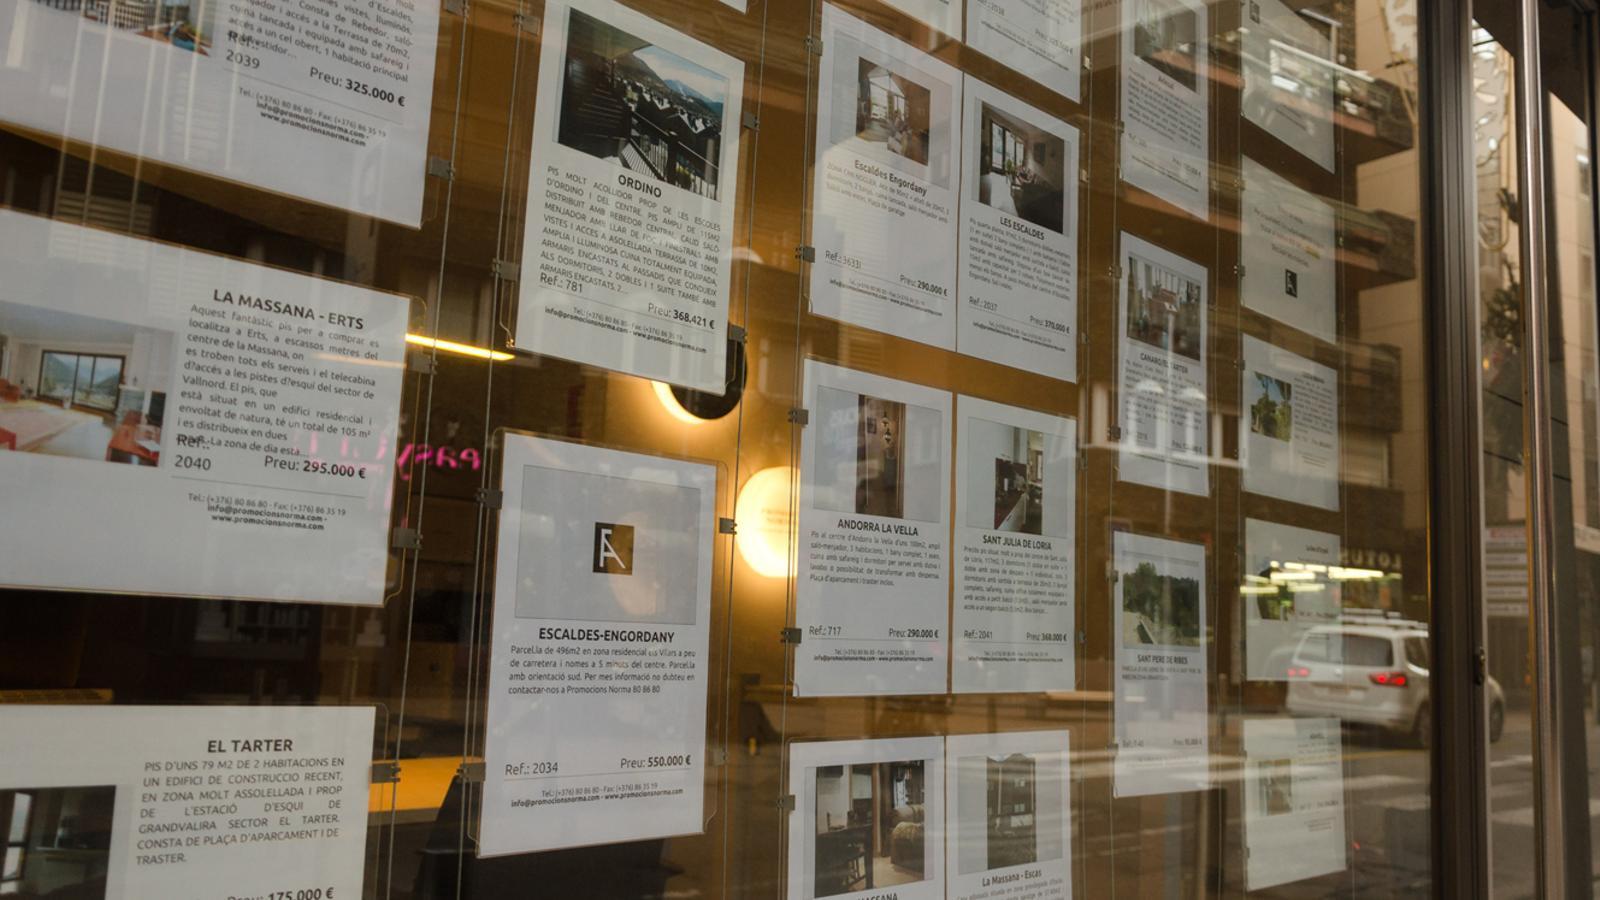 Imatge de les ofertes d'una immobiliària. / ARXIU ANA